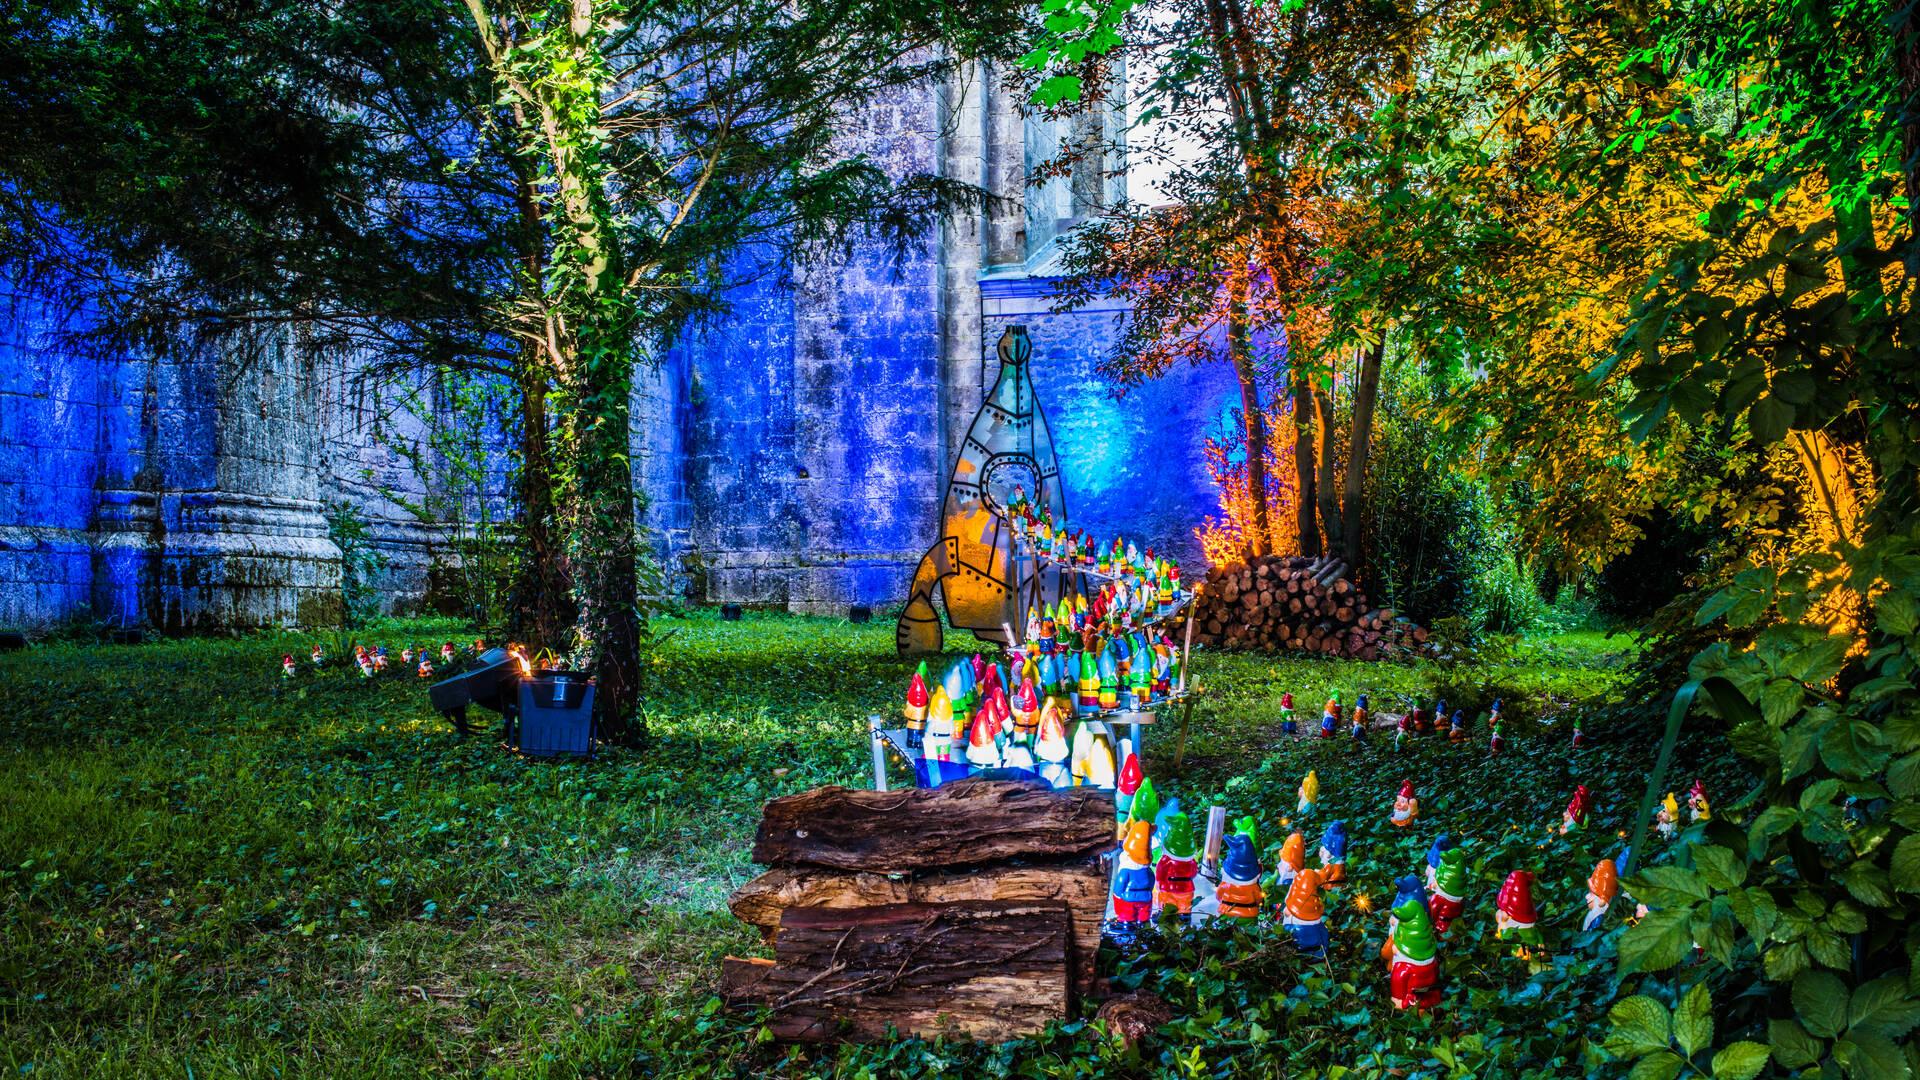 Illuminations extérieures pendant les fêtes ©Images&Emotions